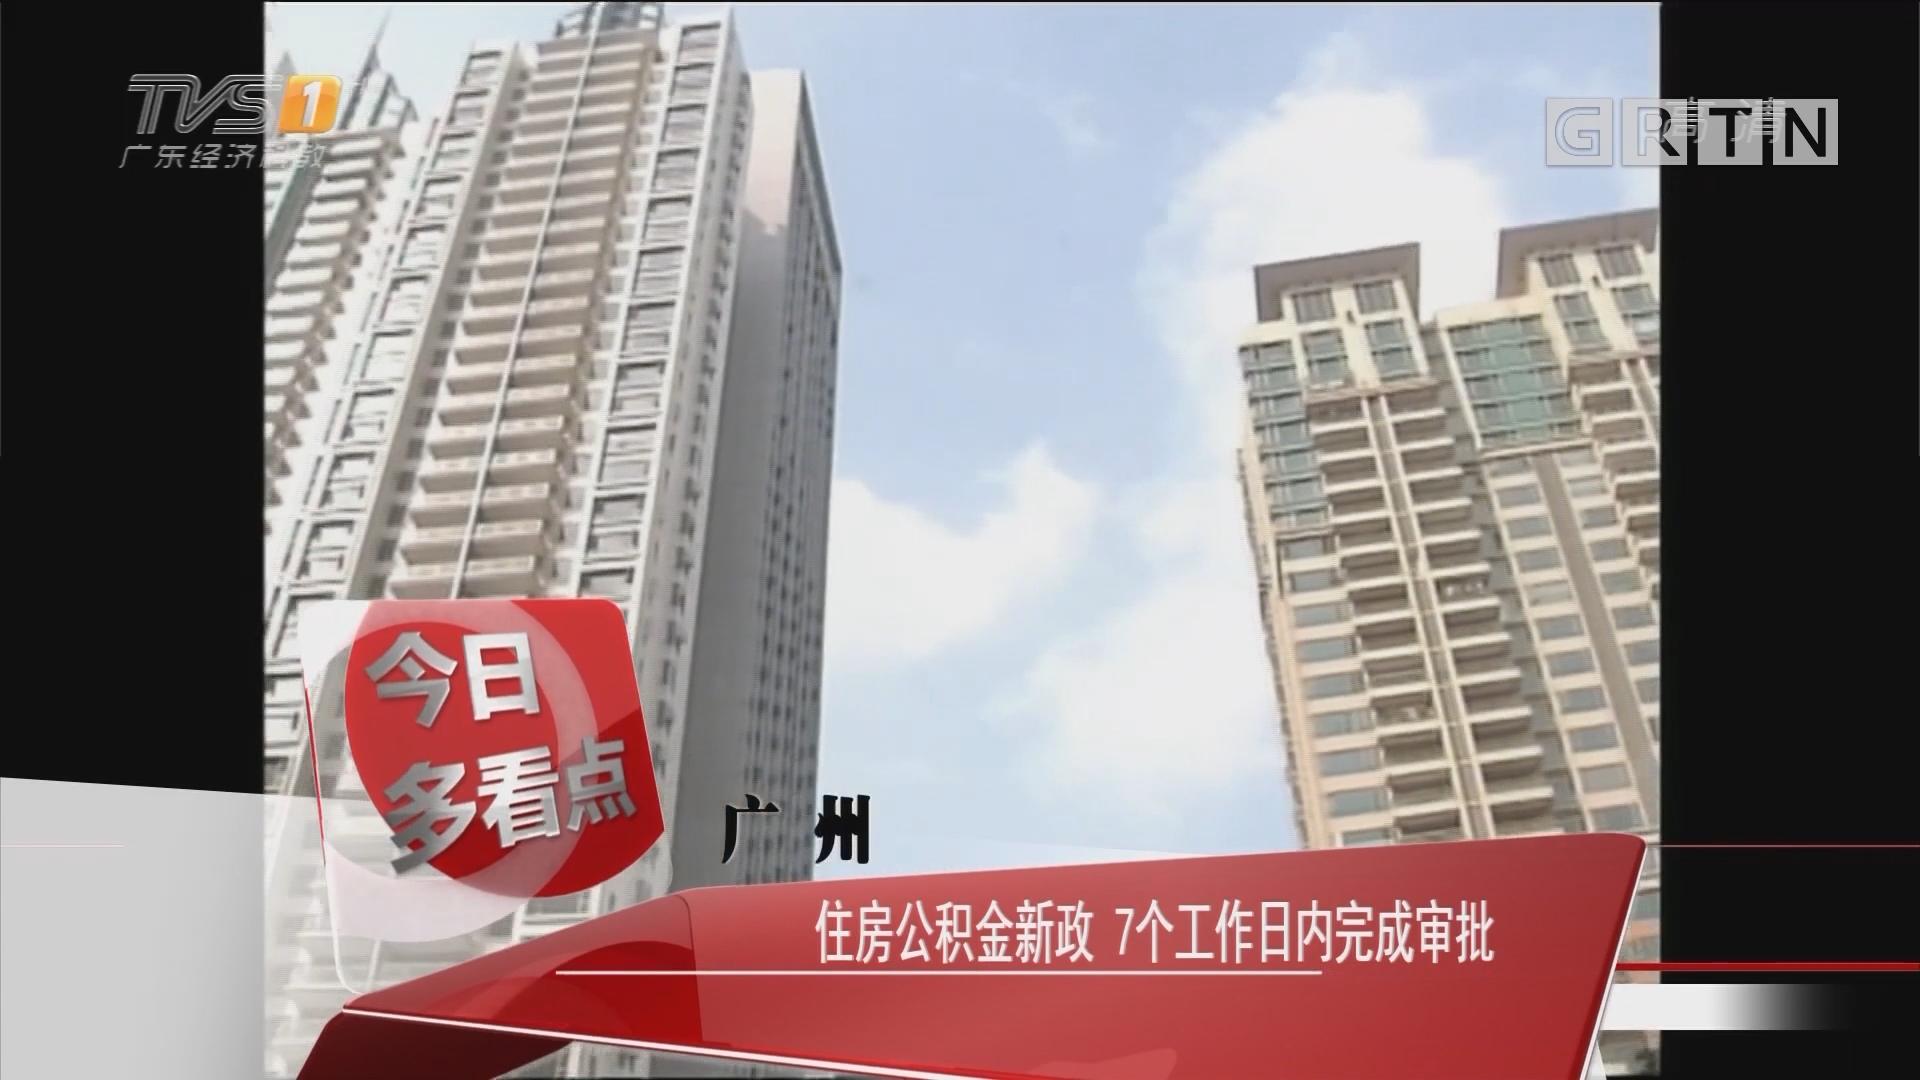 广州:住房公积金新政 7个工作日内完成审批